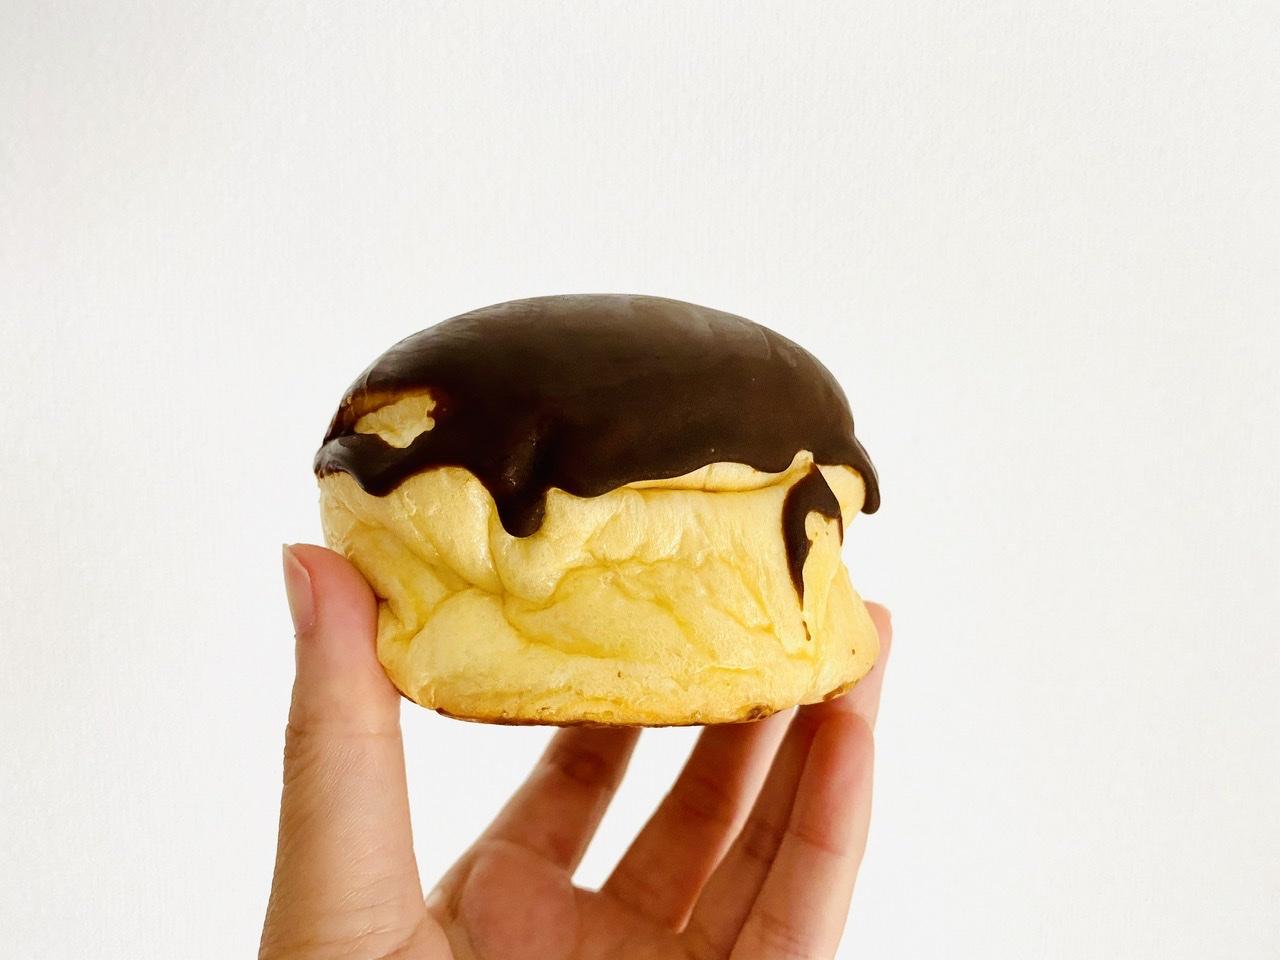 【セブンイレブン】プリン?パン?話題の新商品《プリンみたいなパン》を食べてみた♡_3